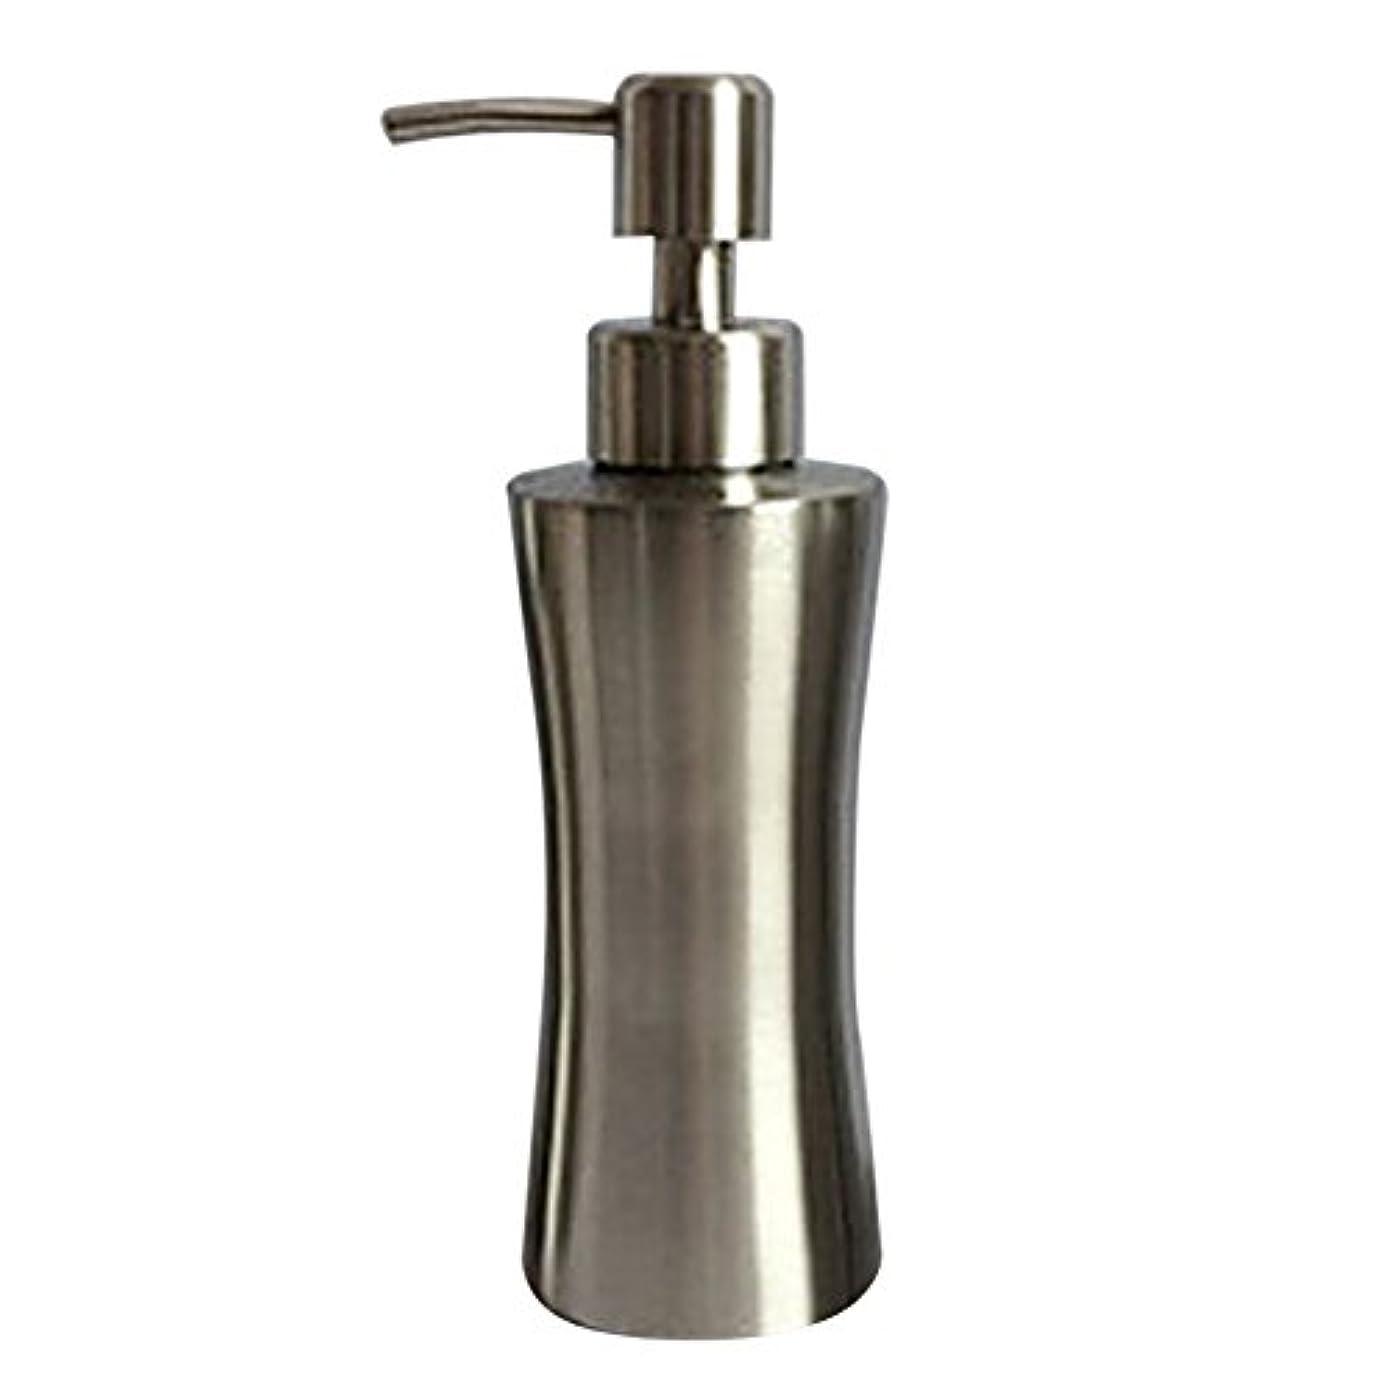 インスタントの配列削るディスペンサー ステンレス ボトル 容器 ソープ 石鹸 シャンプー 手洗いボトル 耐久性 錆びない 220ml/250ml/400ml (B:250ml)